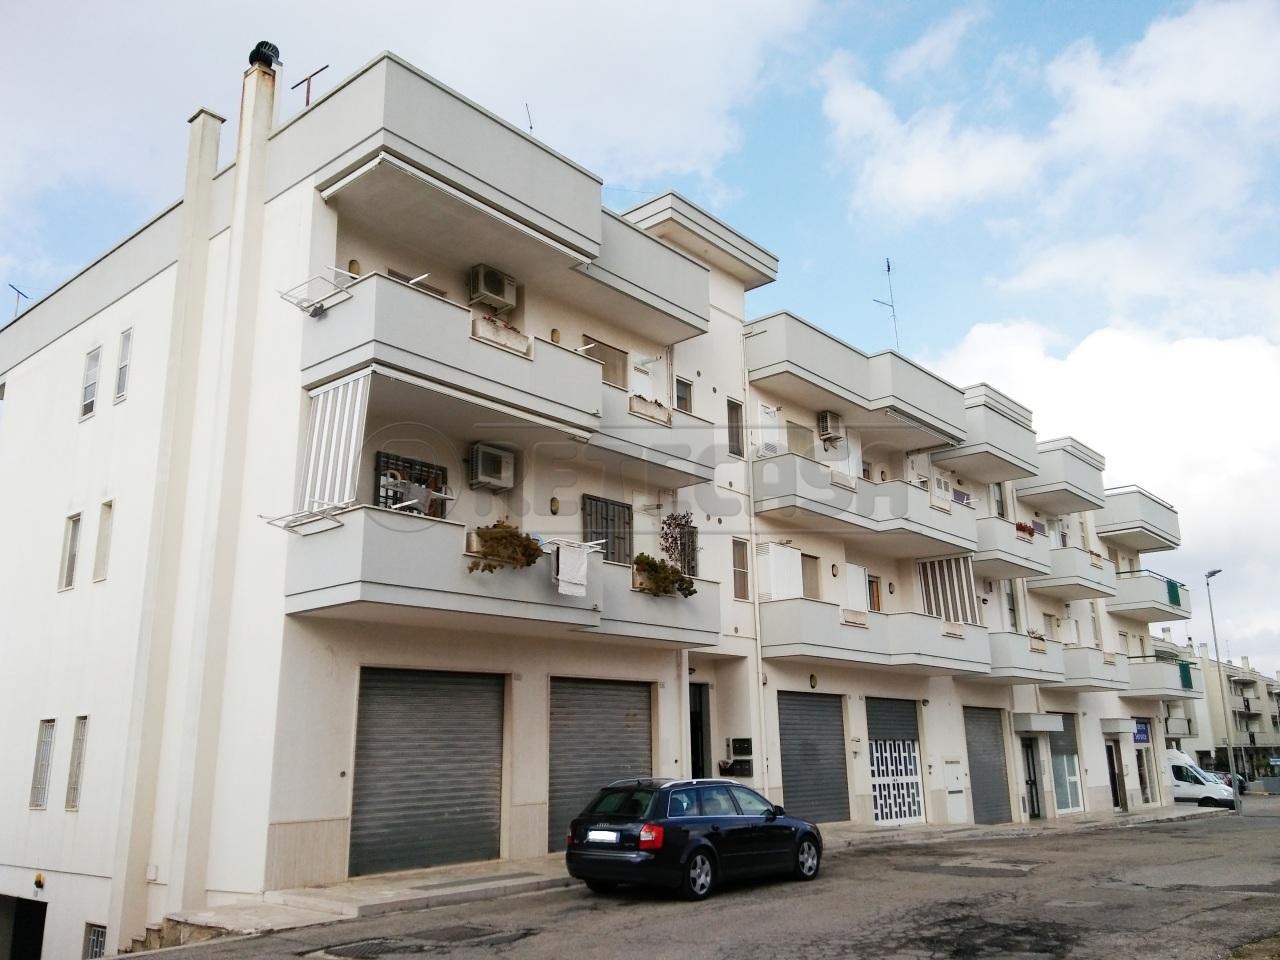 Appartamento in vendita a Locorotondo, 4 locali, prezzo € 200.000 | Cambio Casa.it